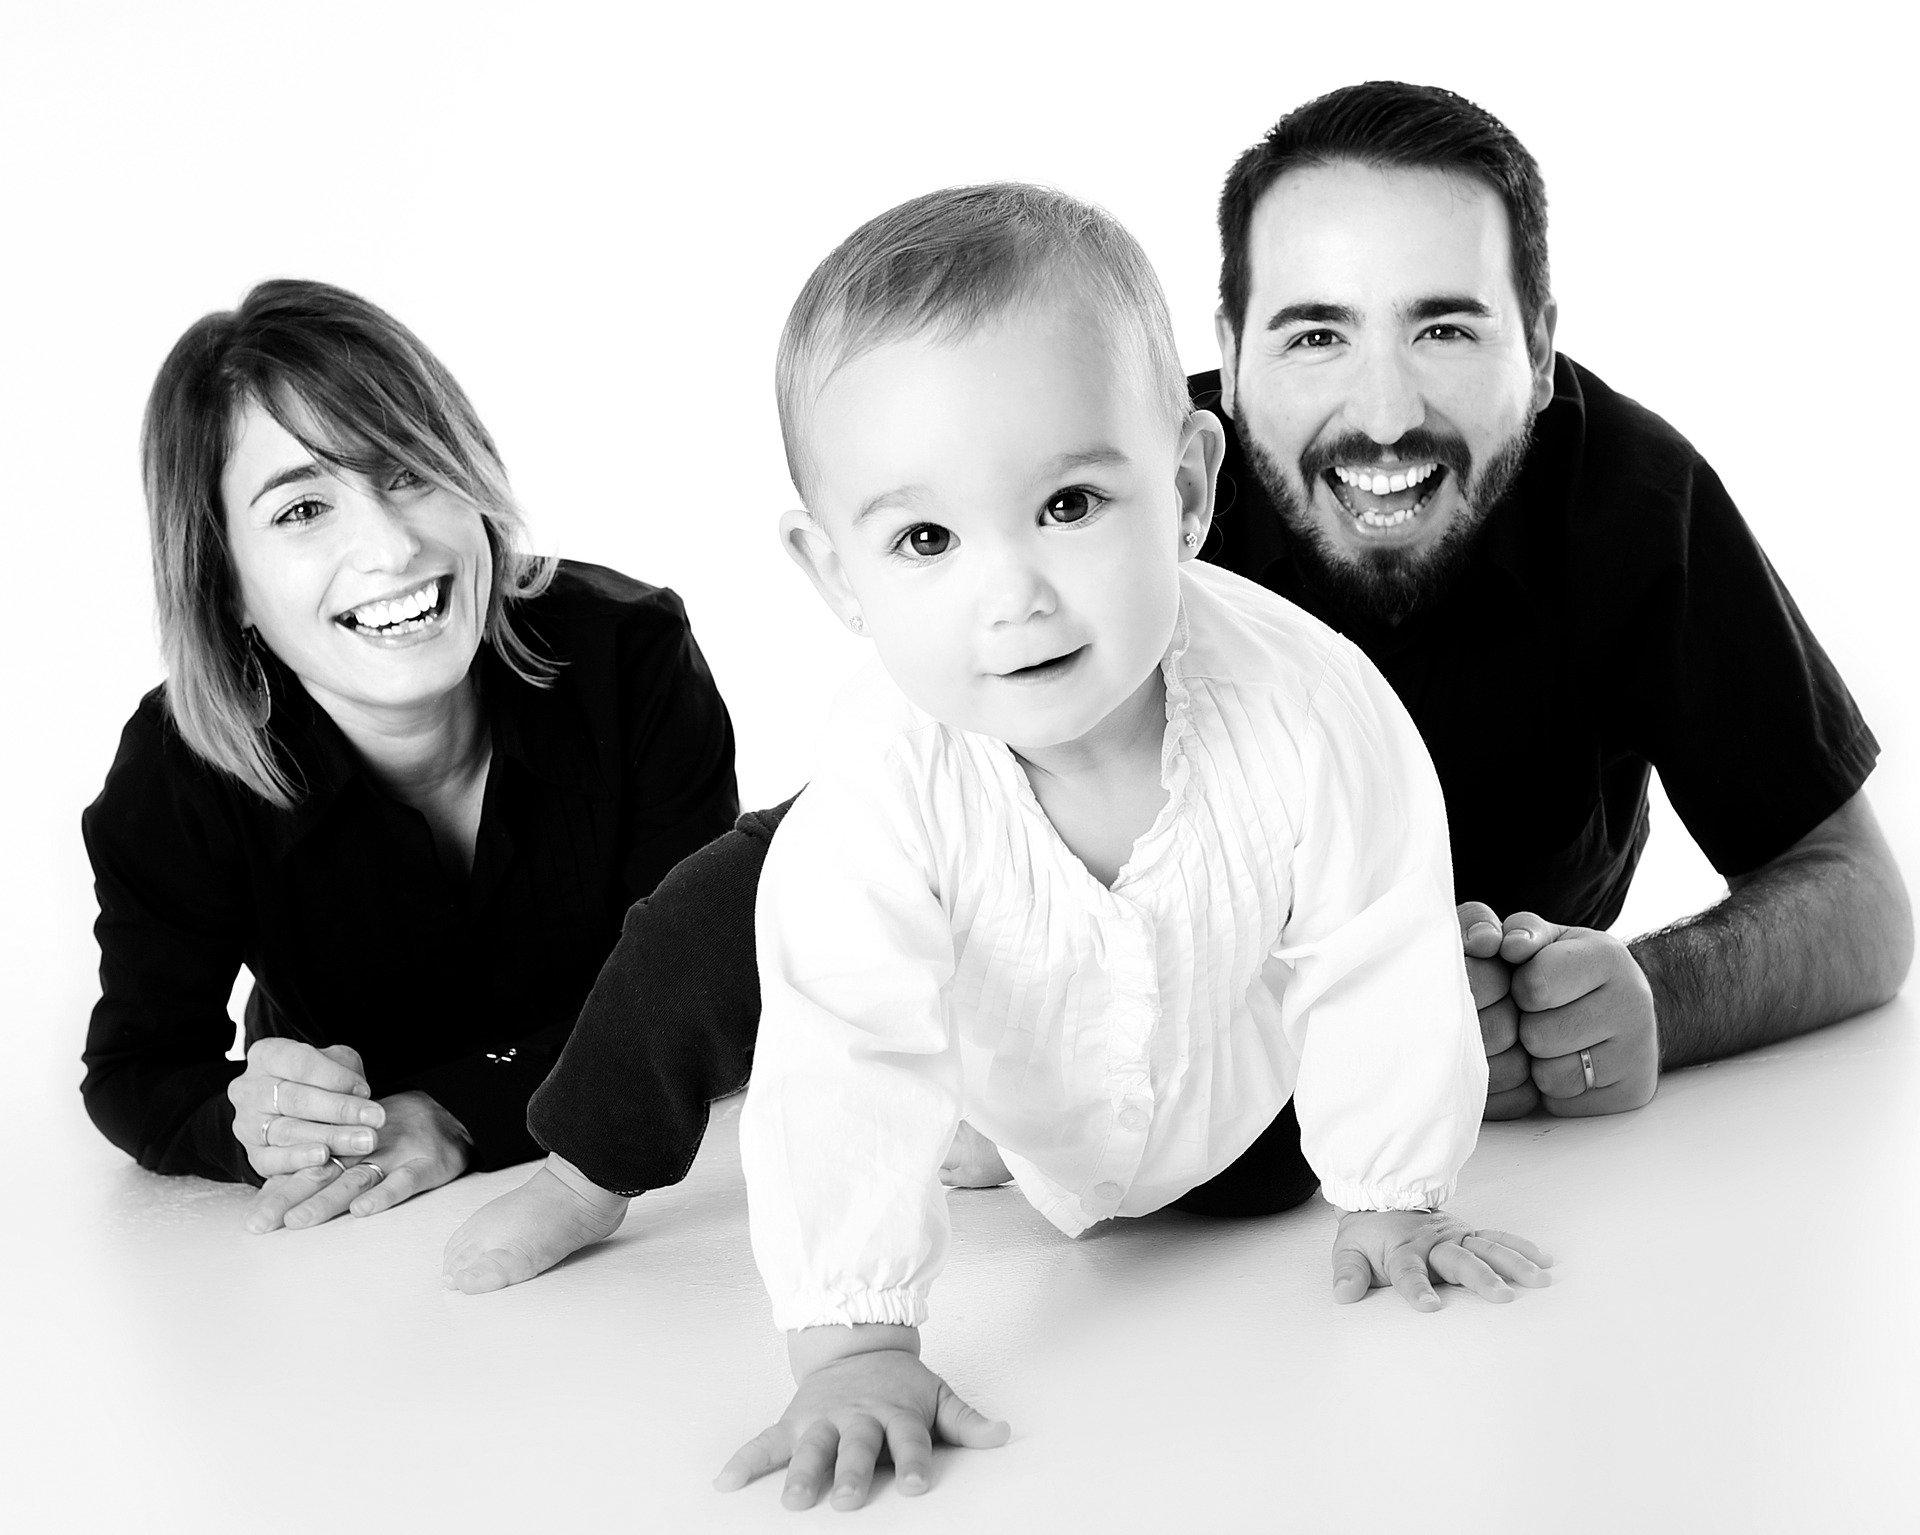 surrogate parenting